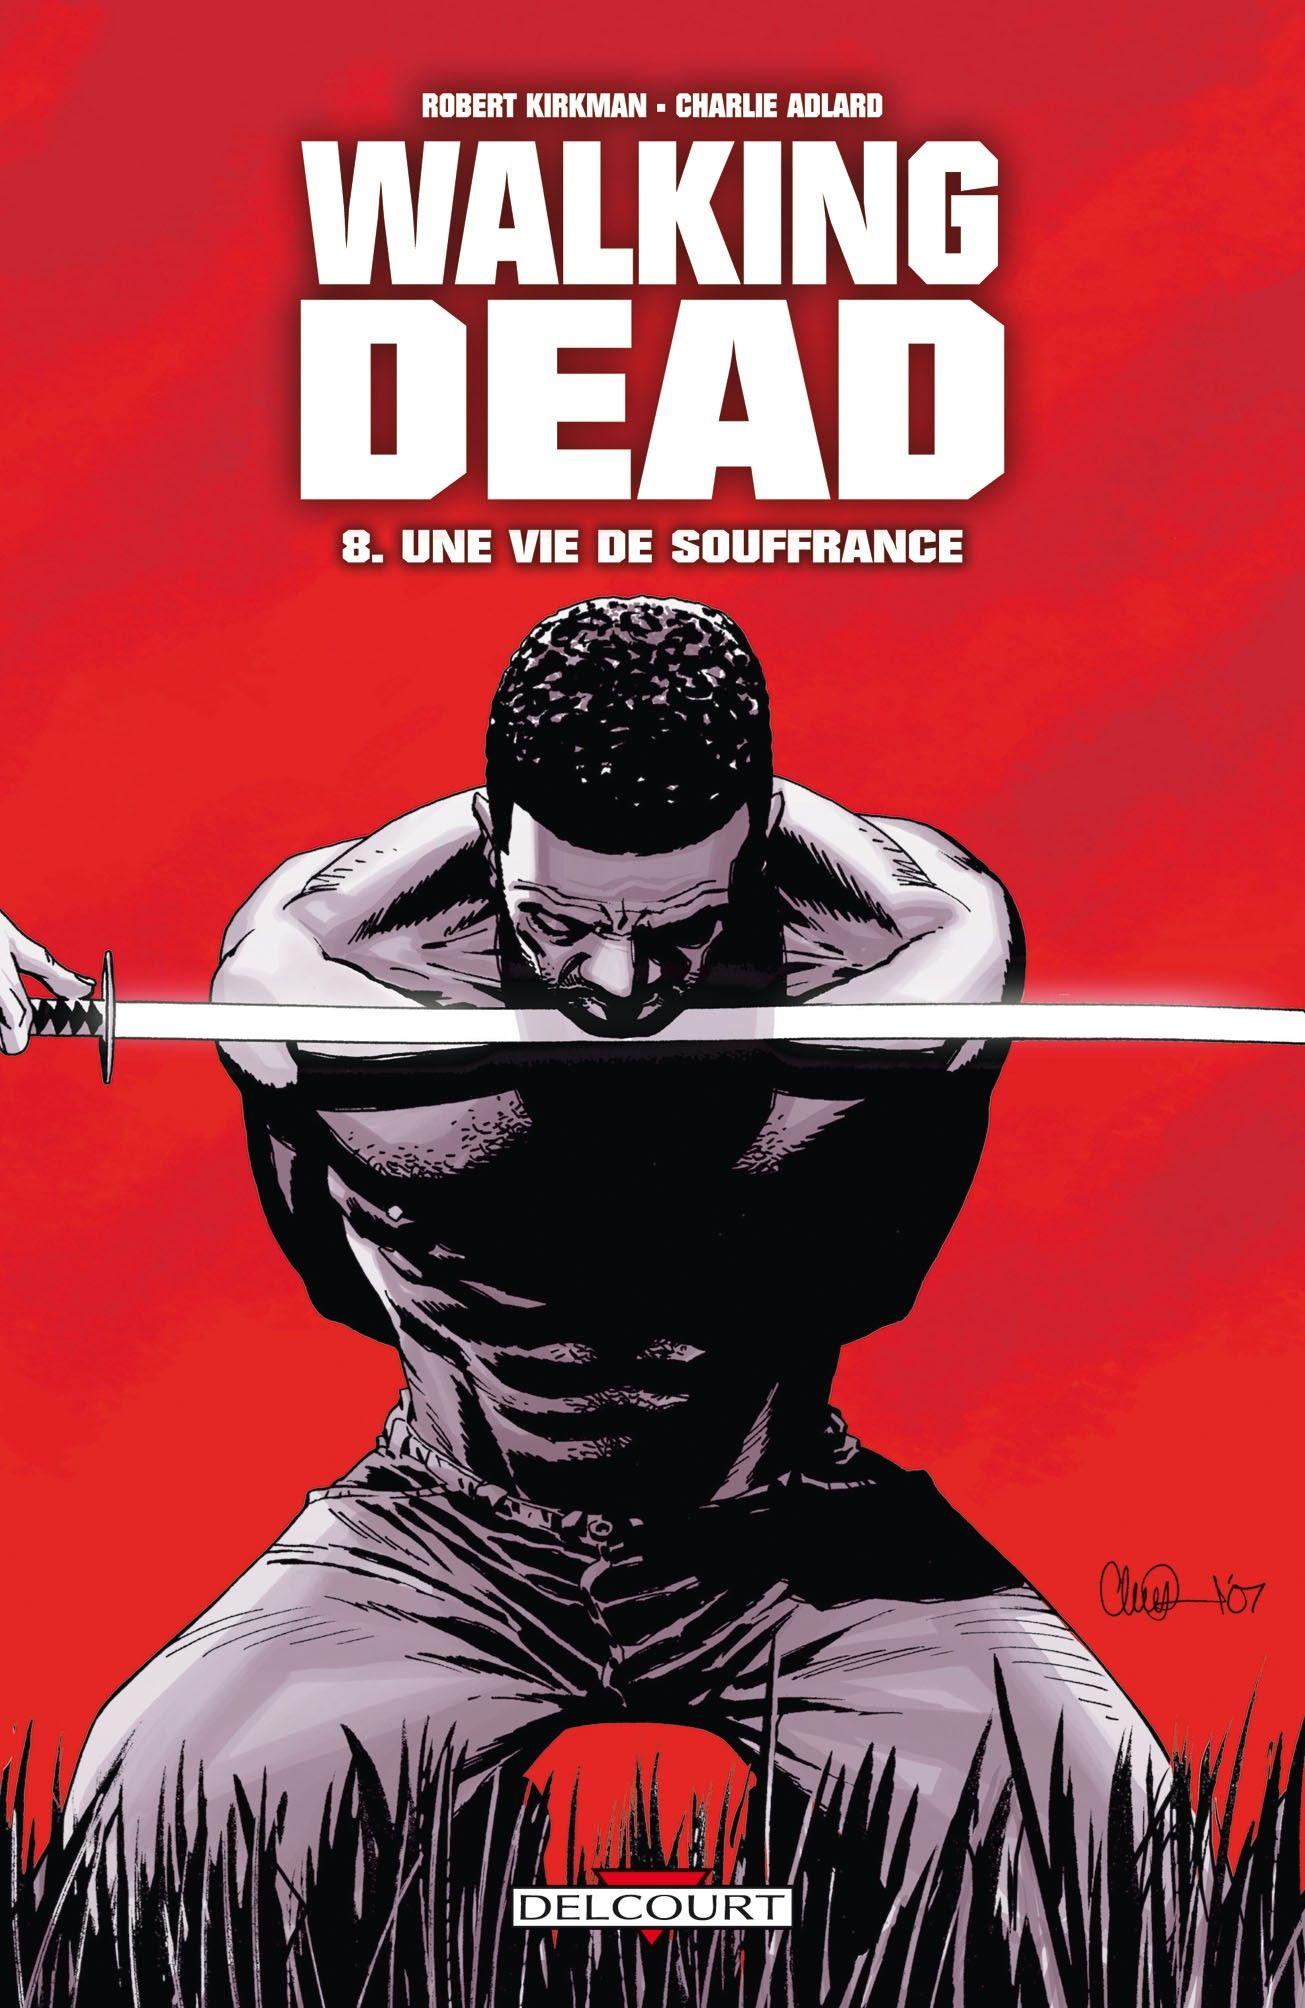 Walking dead (8) : Une vie de souffrance